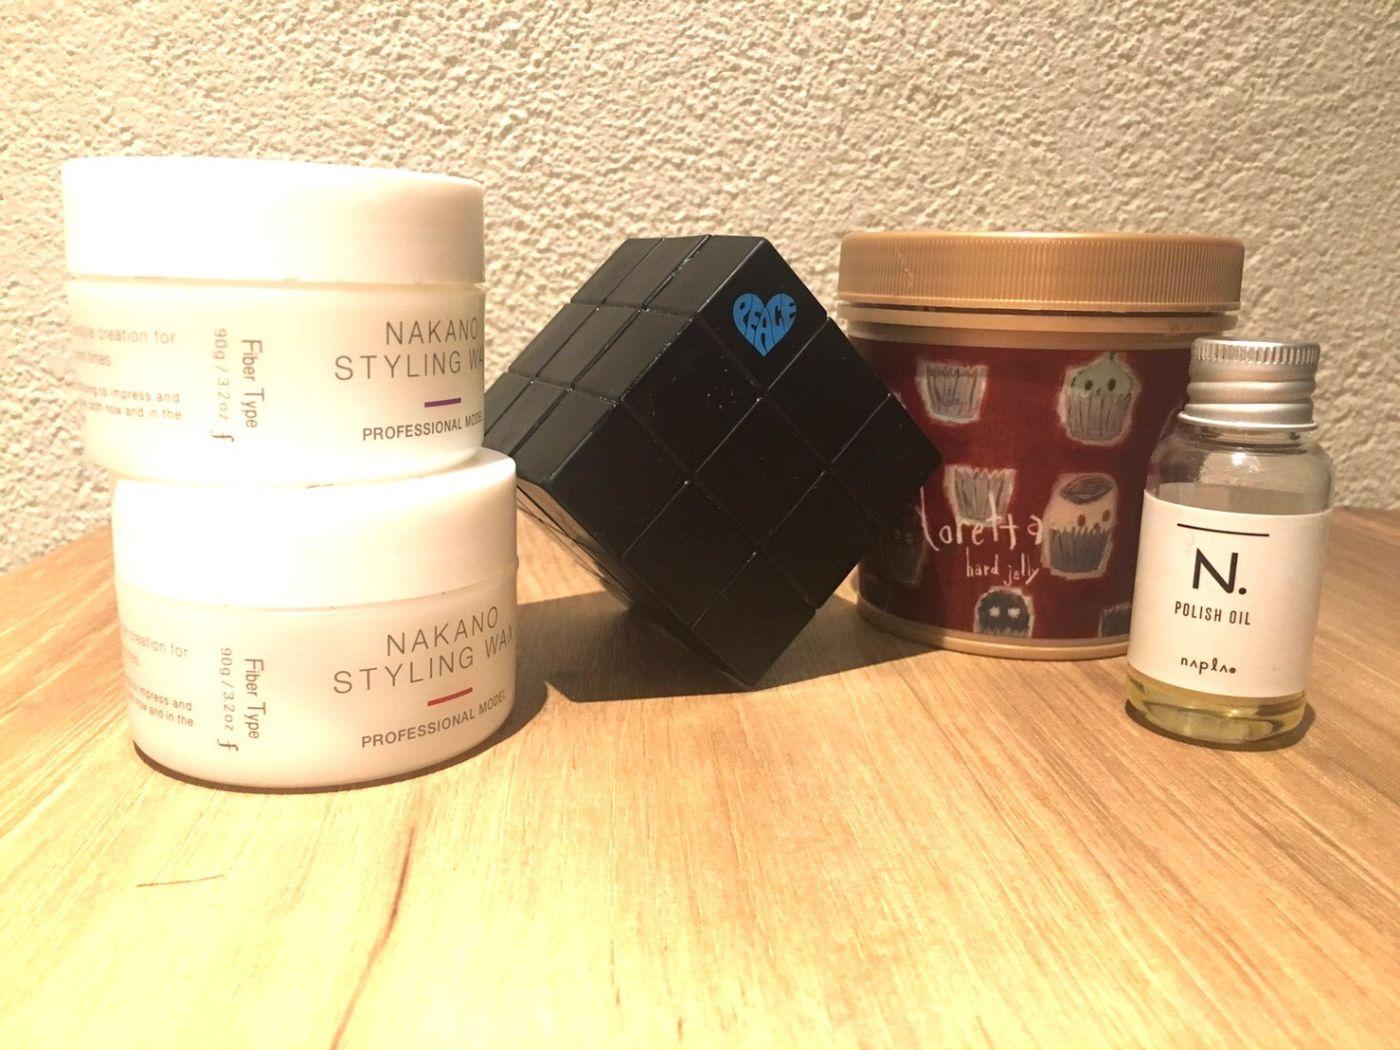 今回ご紹介するスタイリング剤は5種類。厳選のワックス、ジェル、オイル。